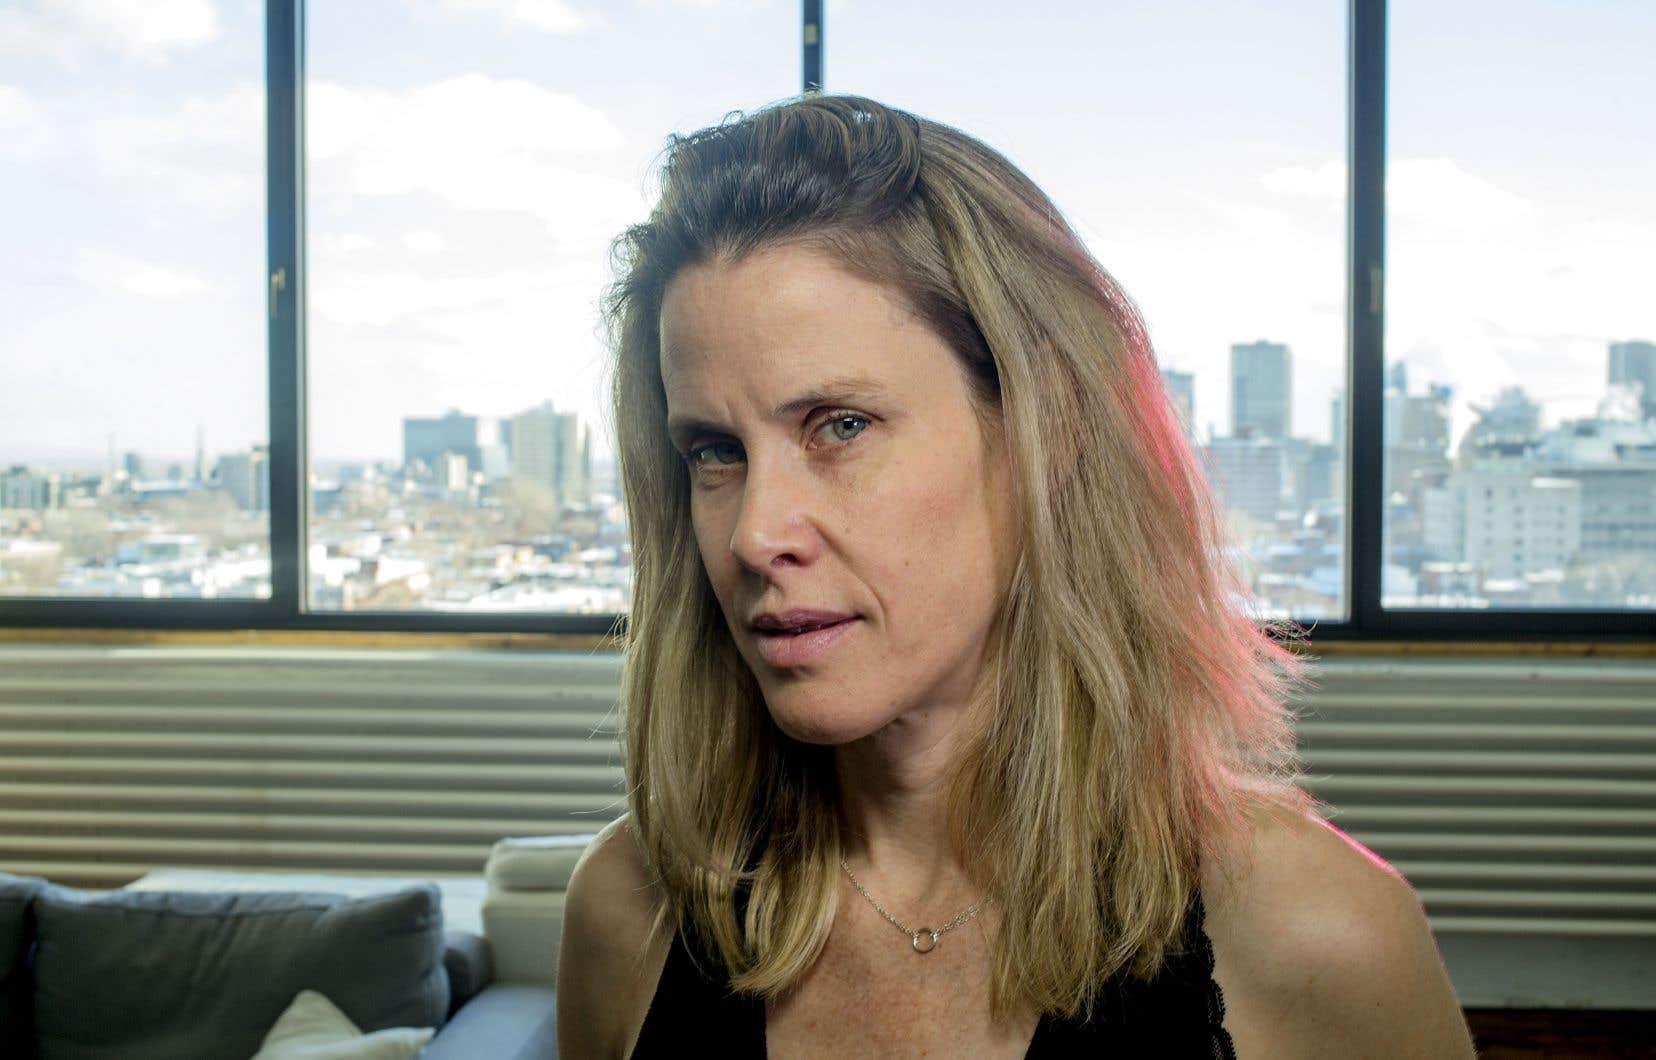 La dramaturge Annabel Soutar annonce qu'elle a l'intention de traduire la pièce en anglais pour la jouer au Canada anglais.